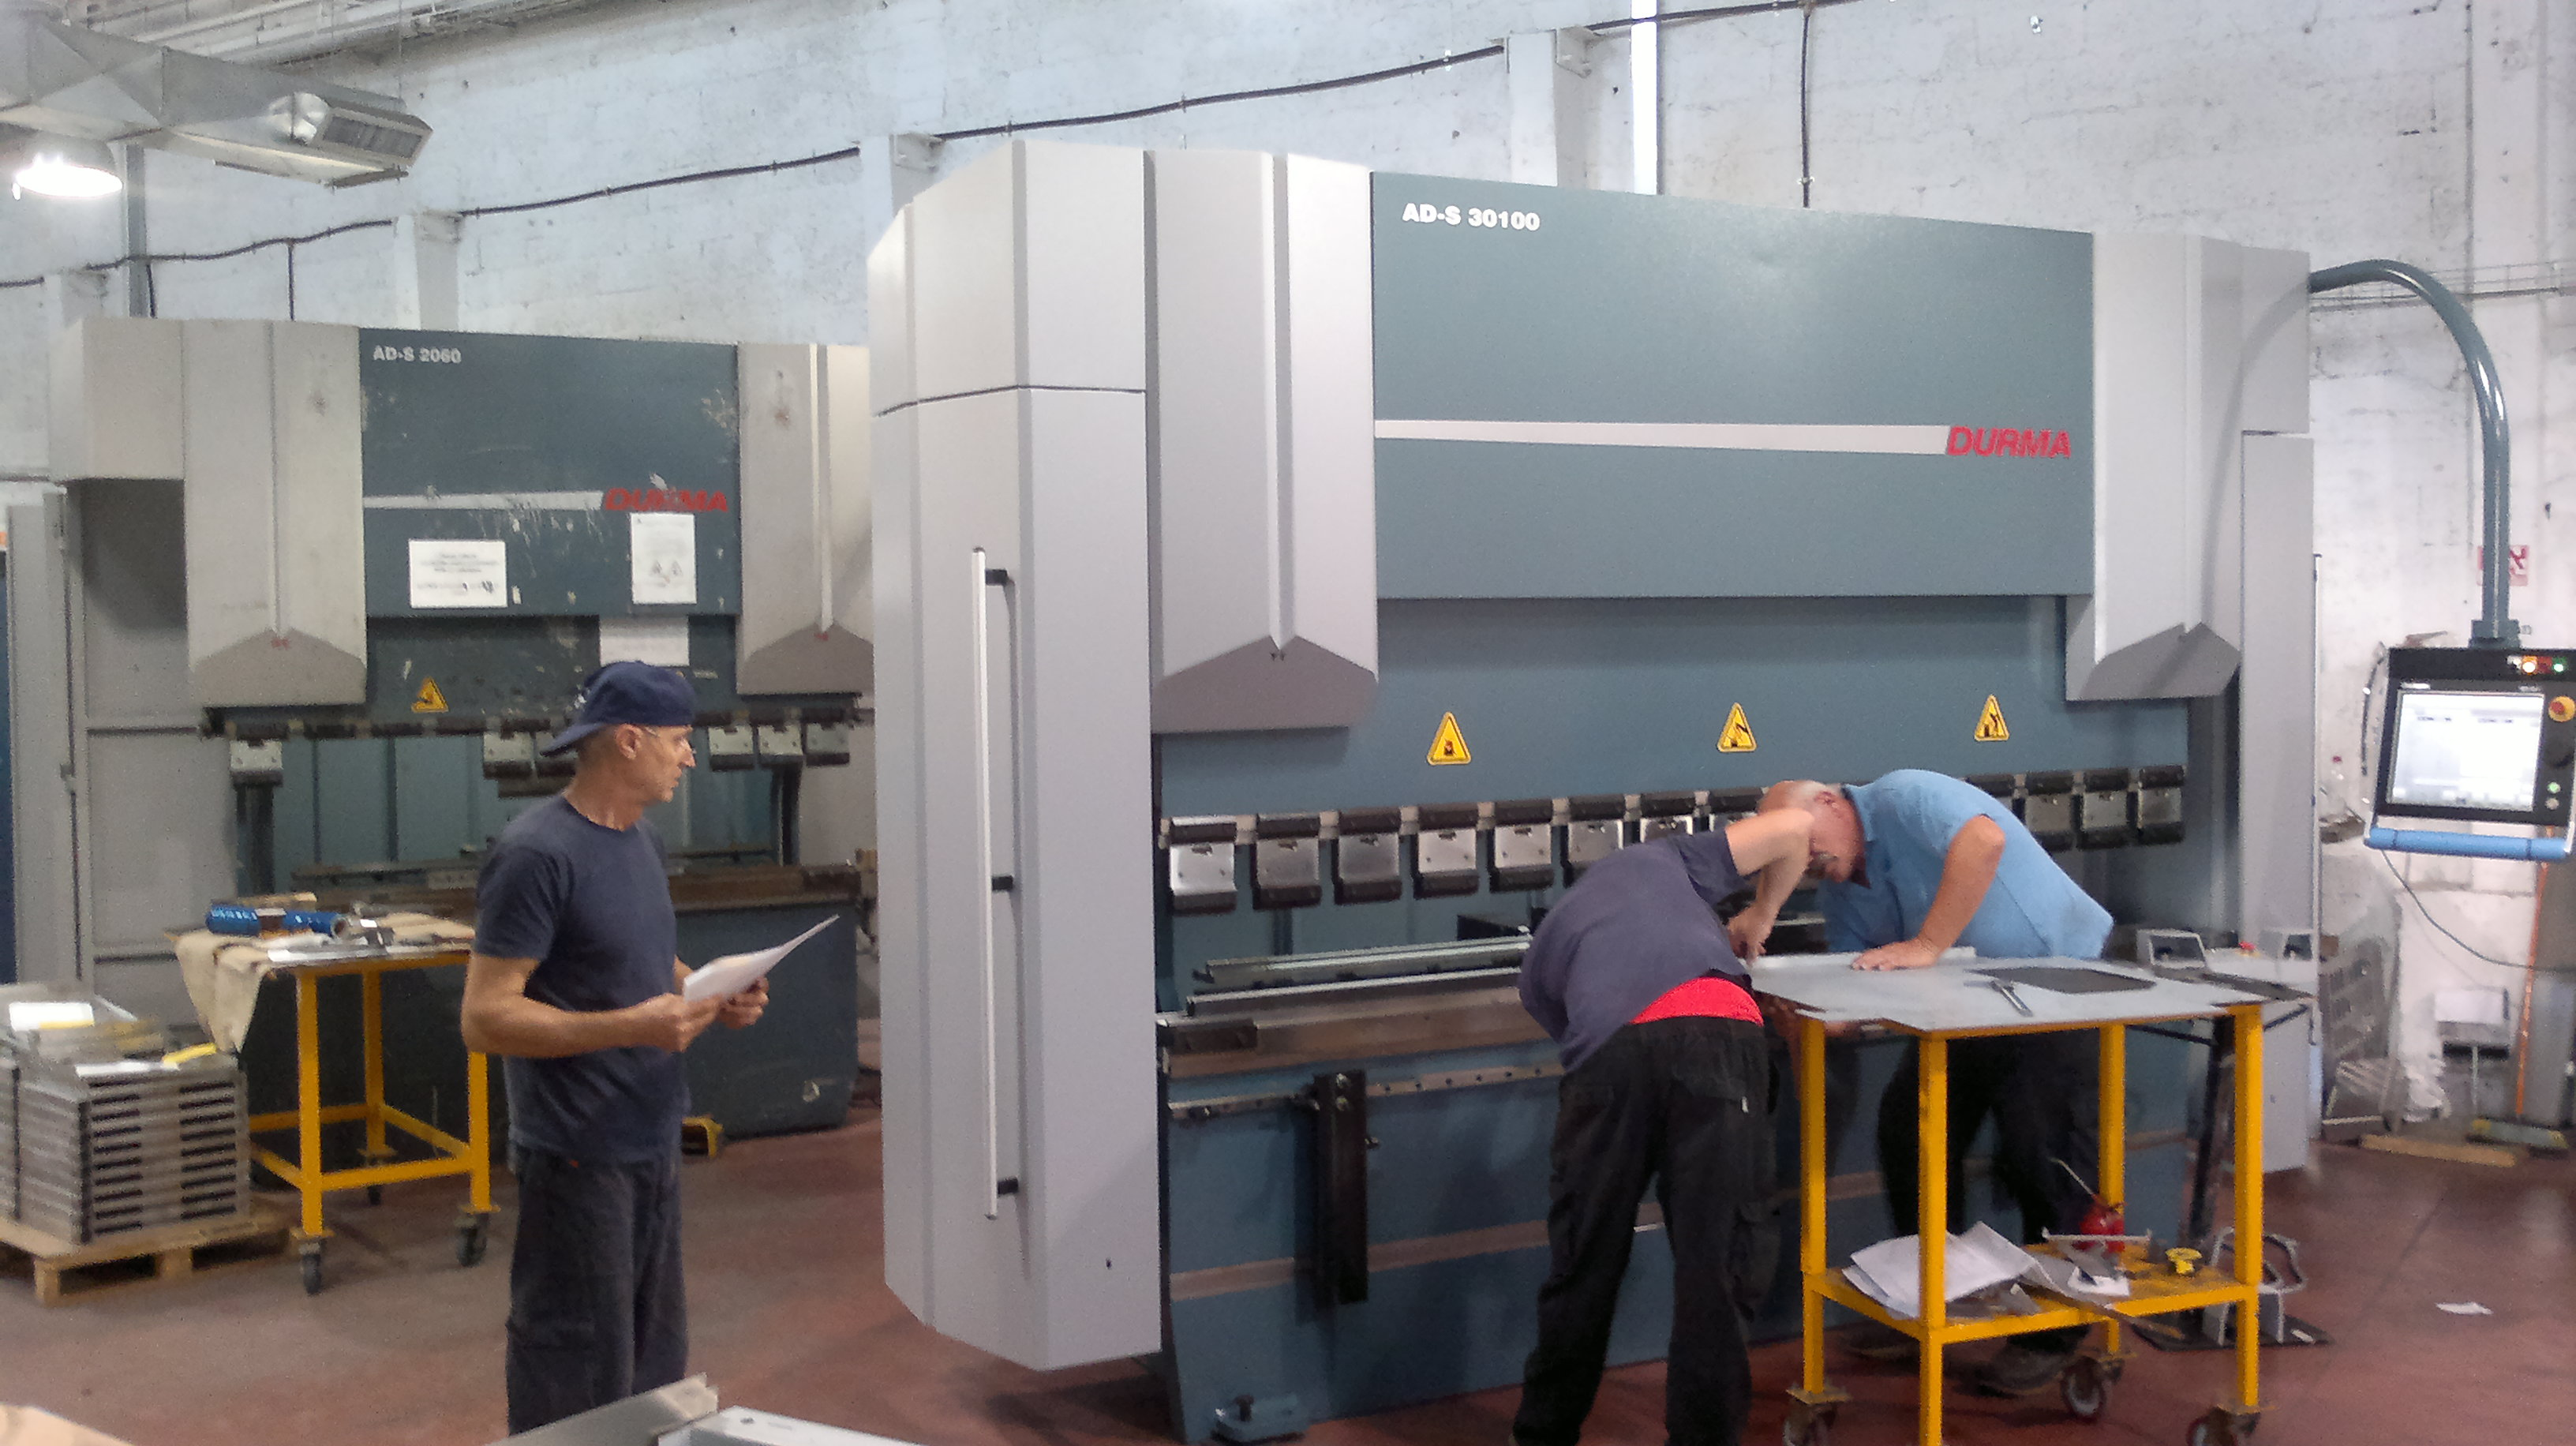 מכונה לכיפוף פחים, במפעל בחולון 2015